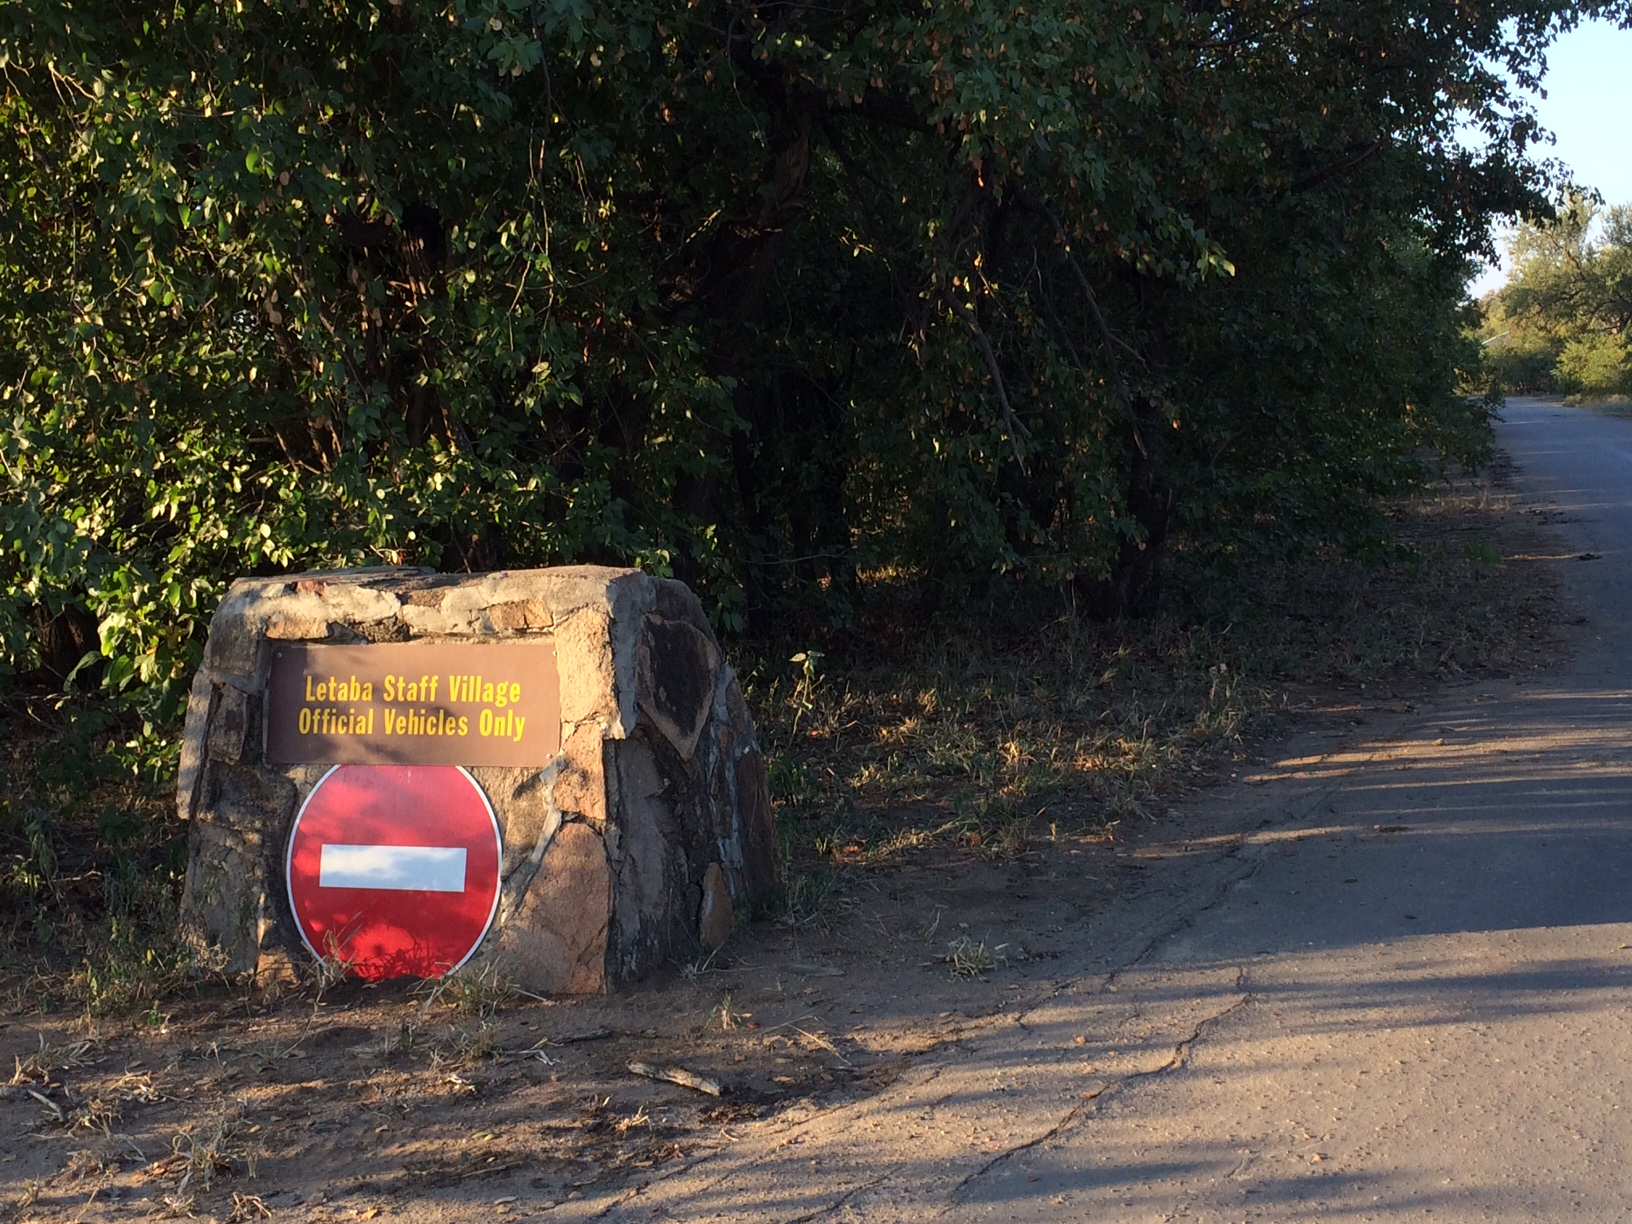 No entry into Letaba staff village KNP